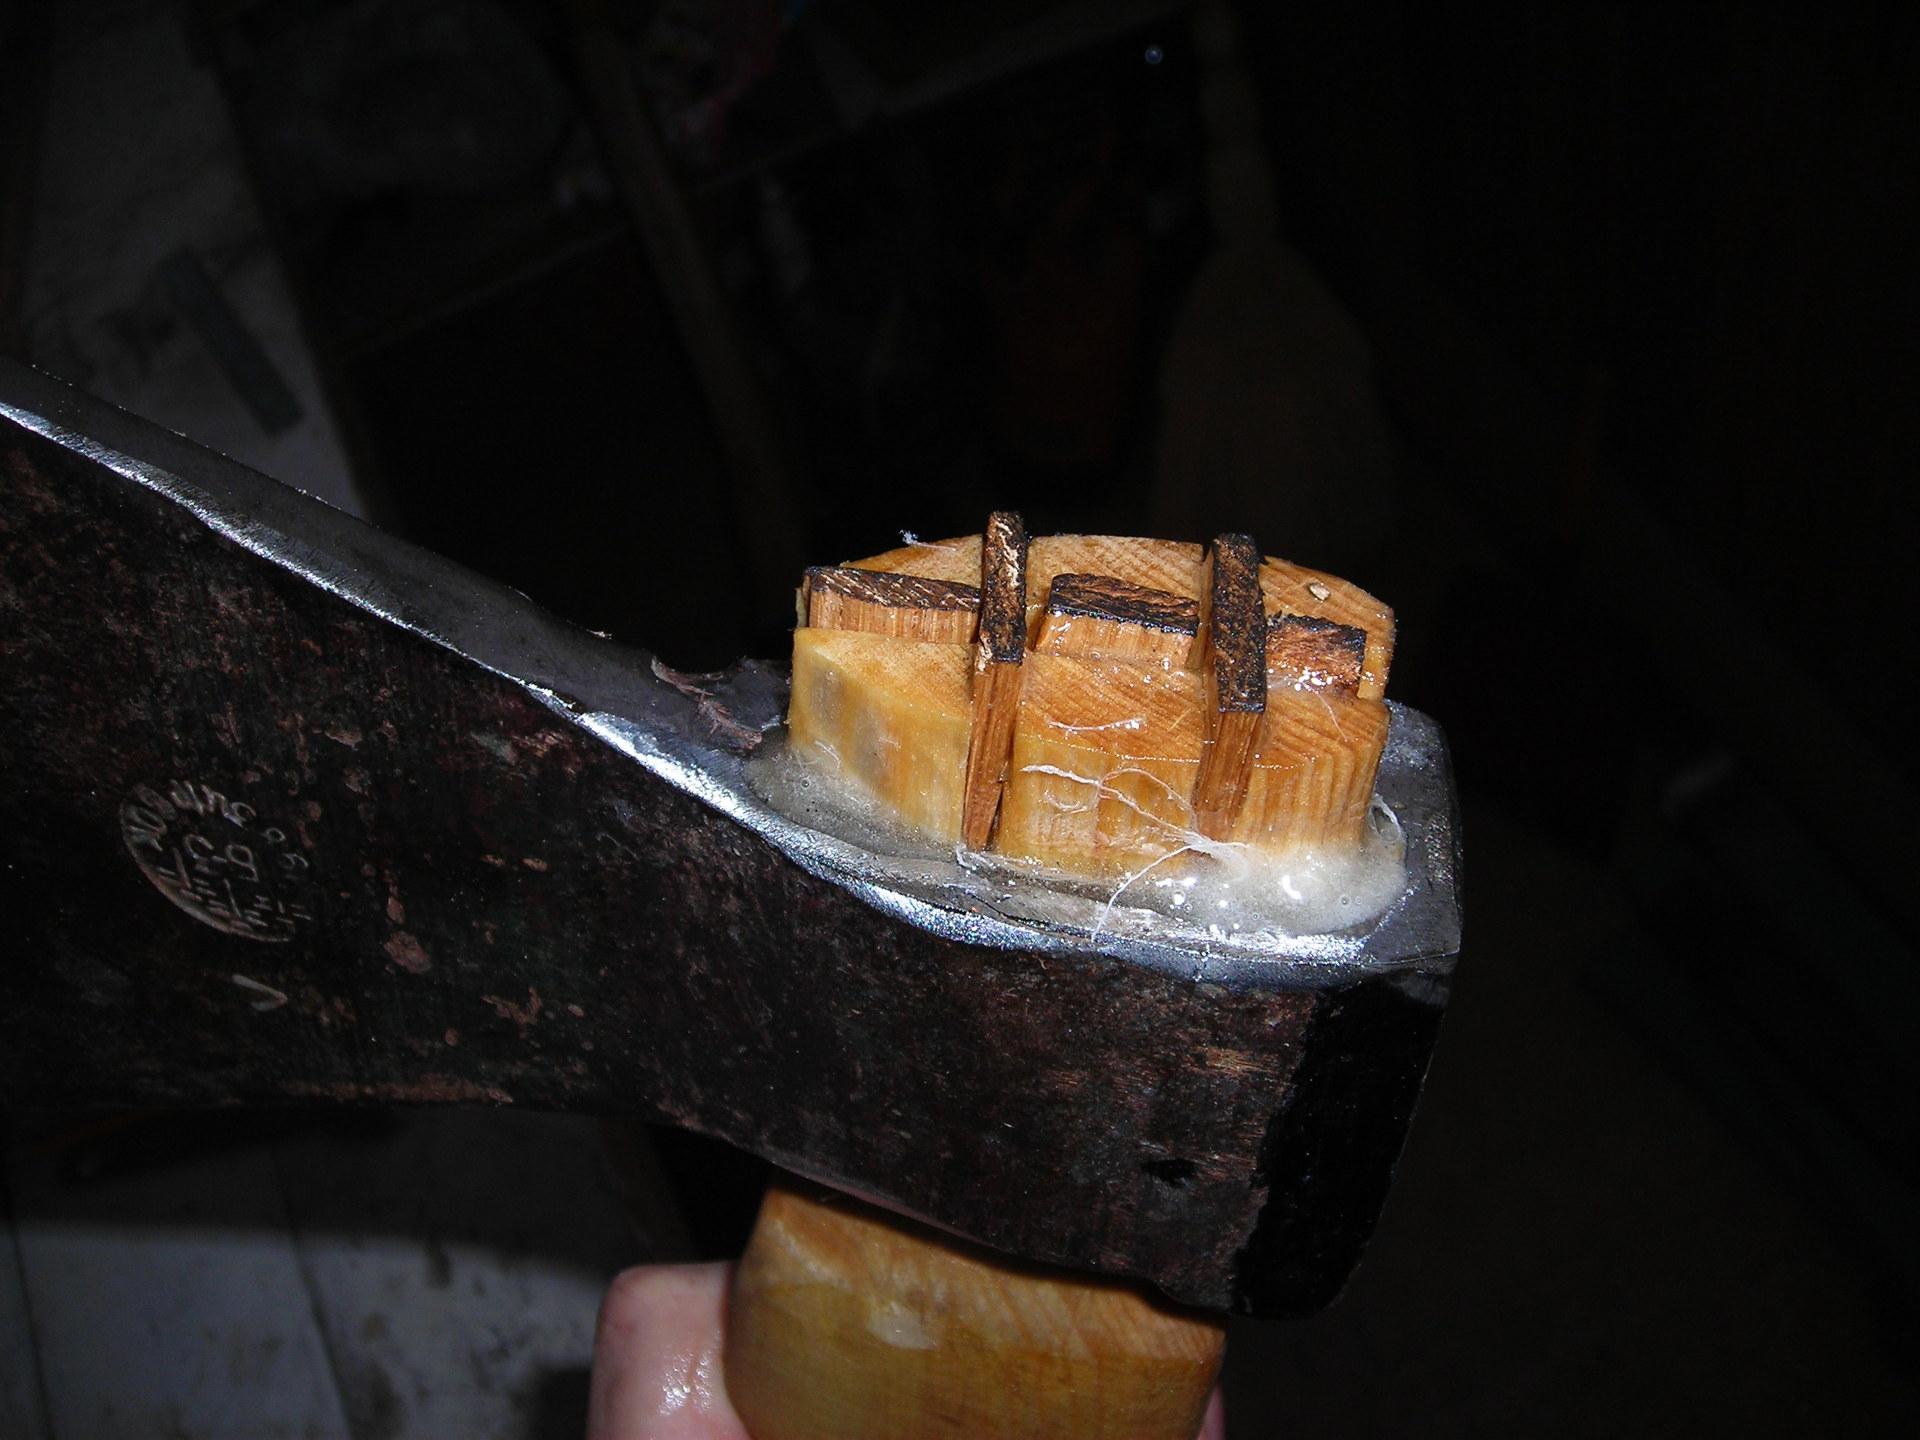 Не сложно правильно насадить топор на топорище, если знаешь как это сделать